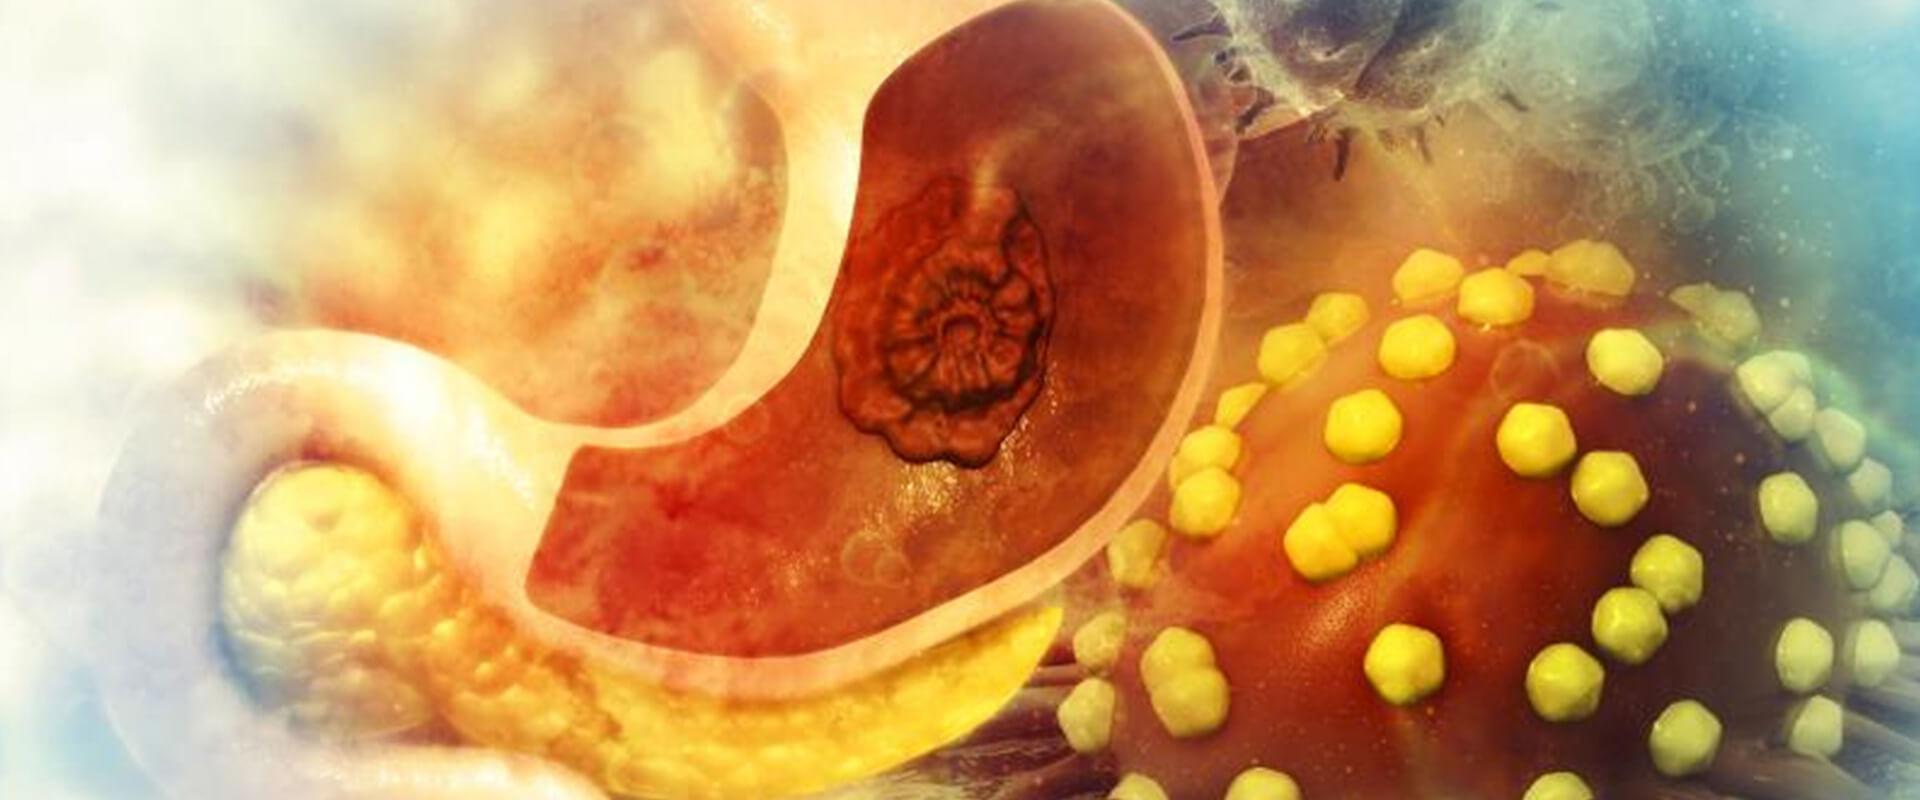 Câncer de estômago - Dr. Valter Alvarenga